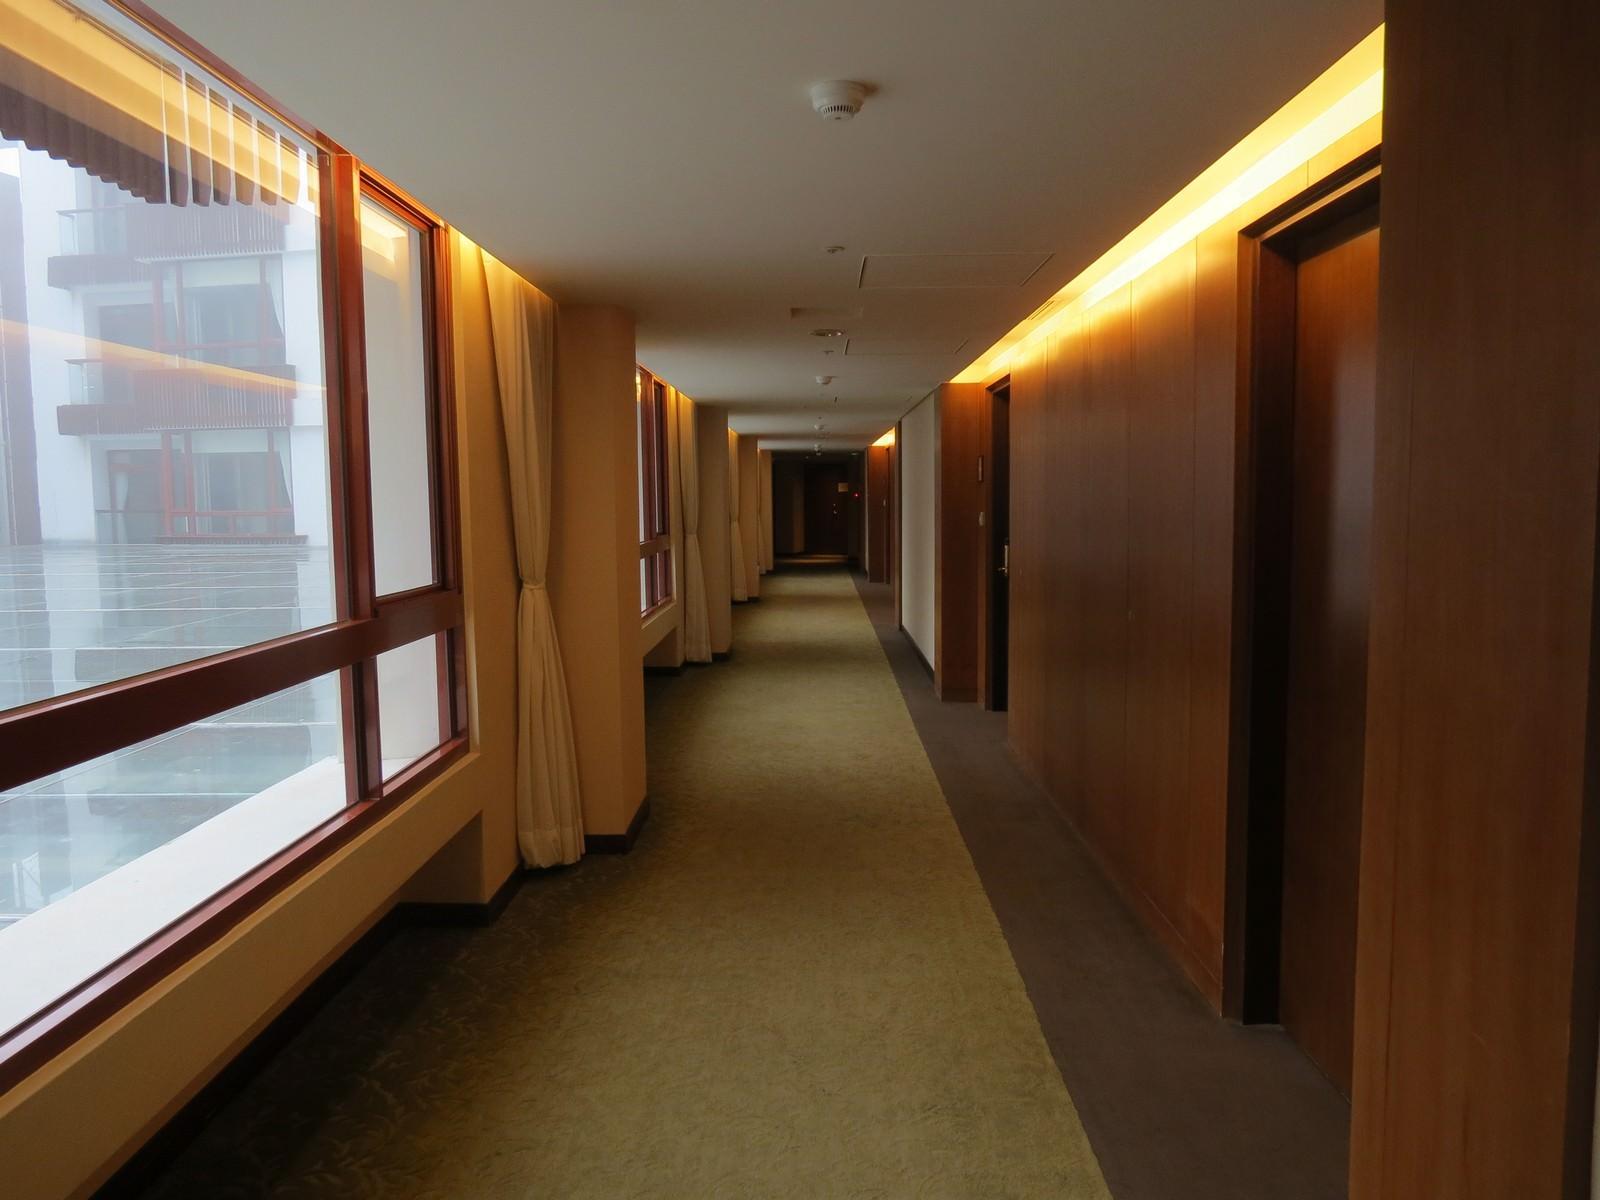 阿里山賓館, 客房走道